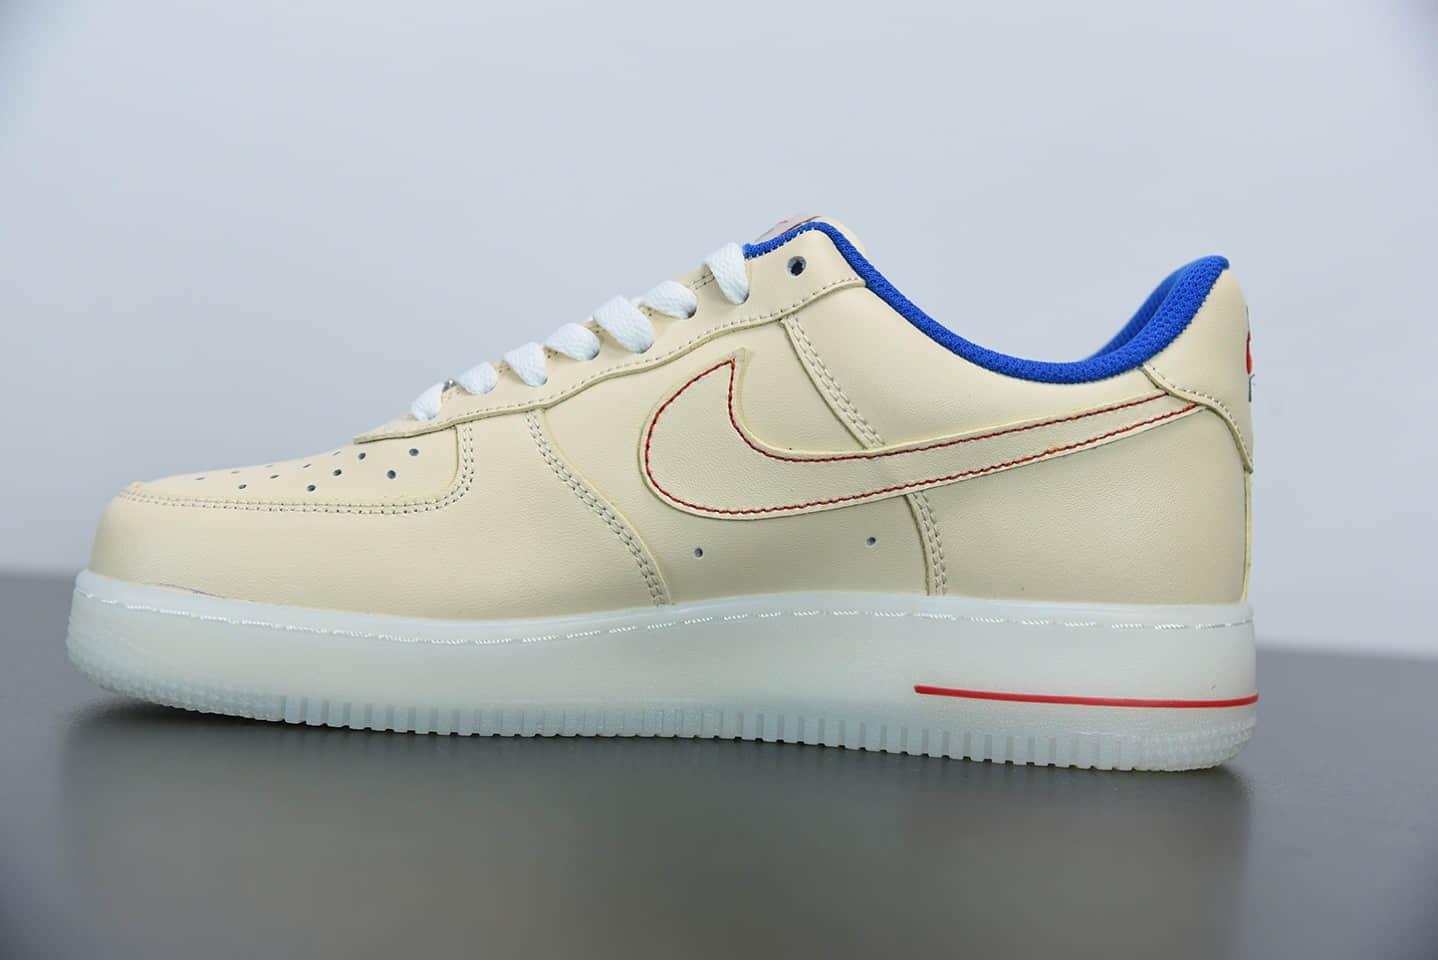 耐克Nike Air Force 1米黄蓝空军一号低帮百搭休闲运动板鞋纯原版本 货号:DH0928-800